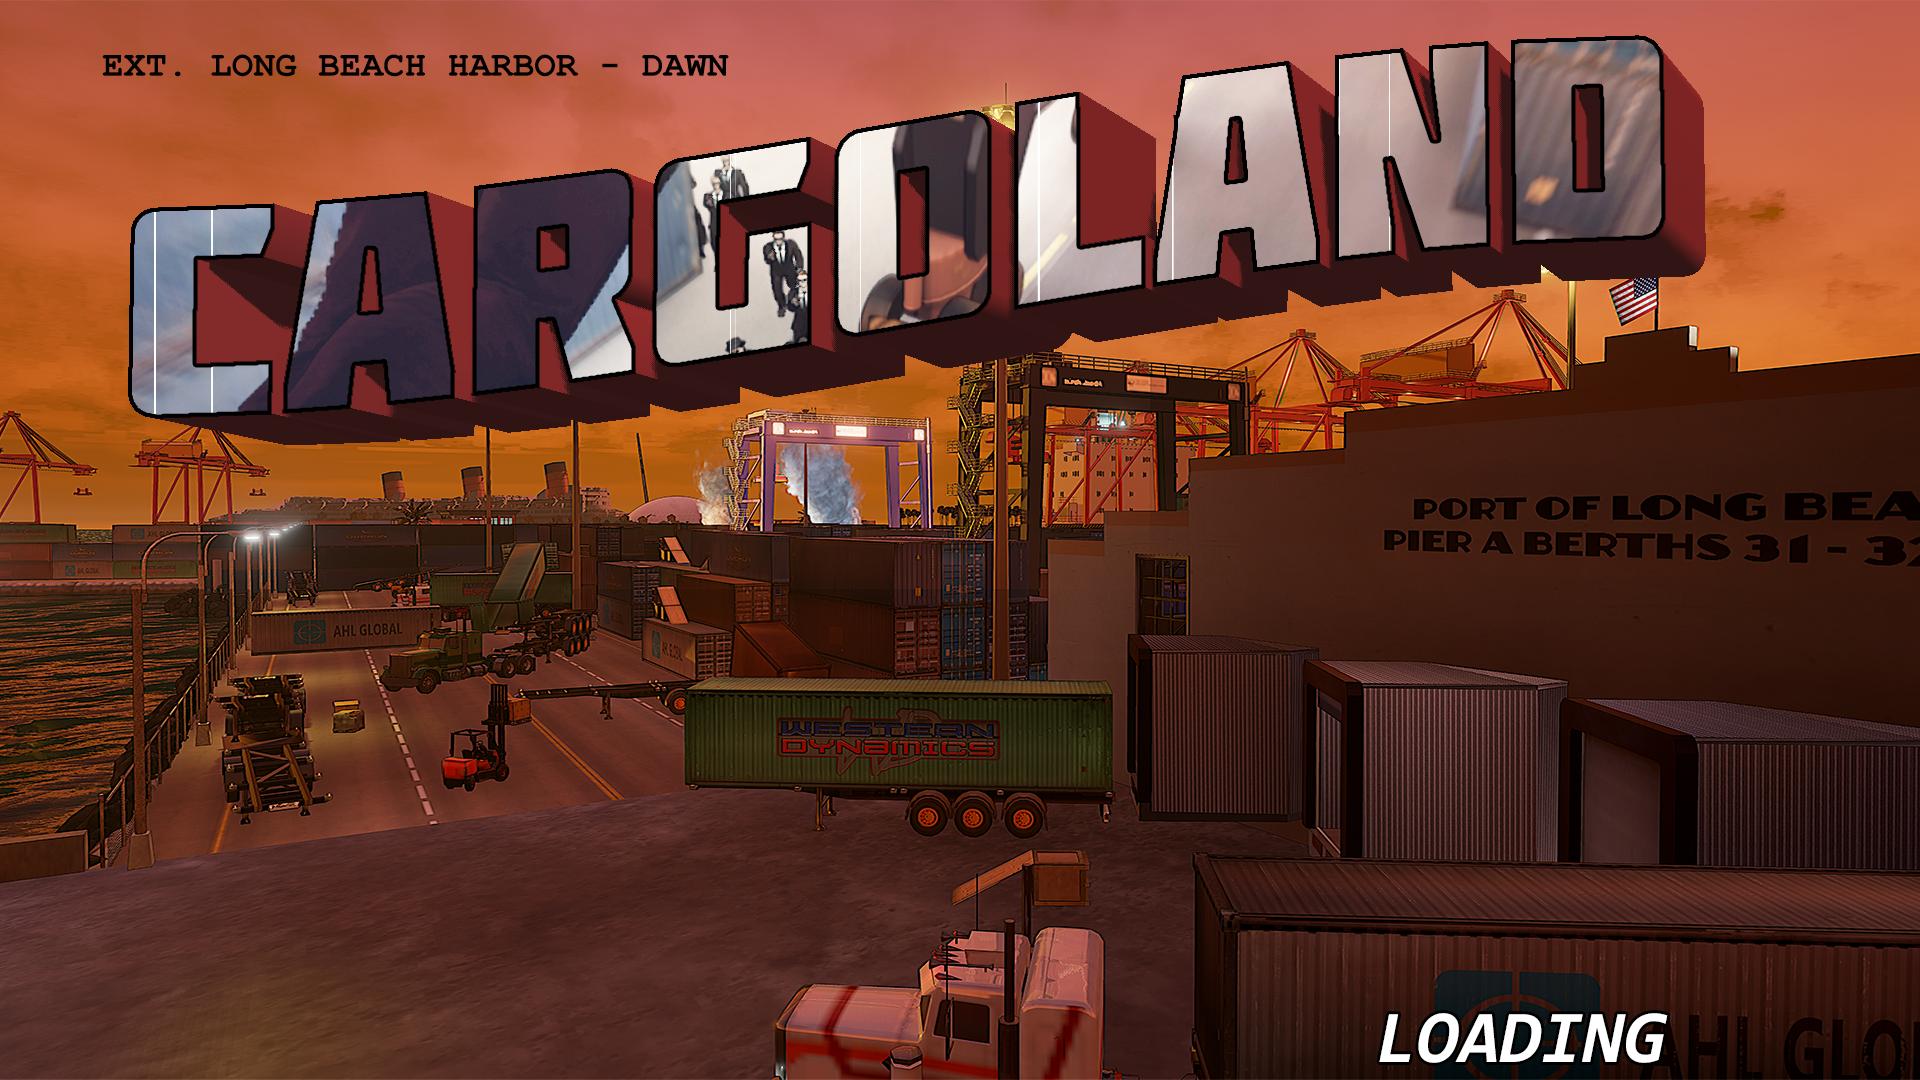 Cargoland_Splash